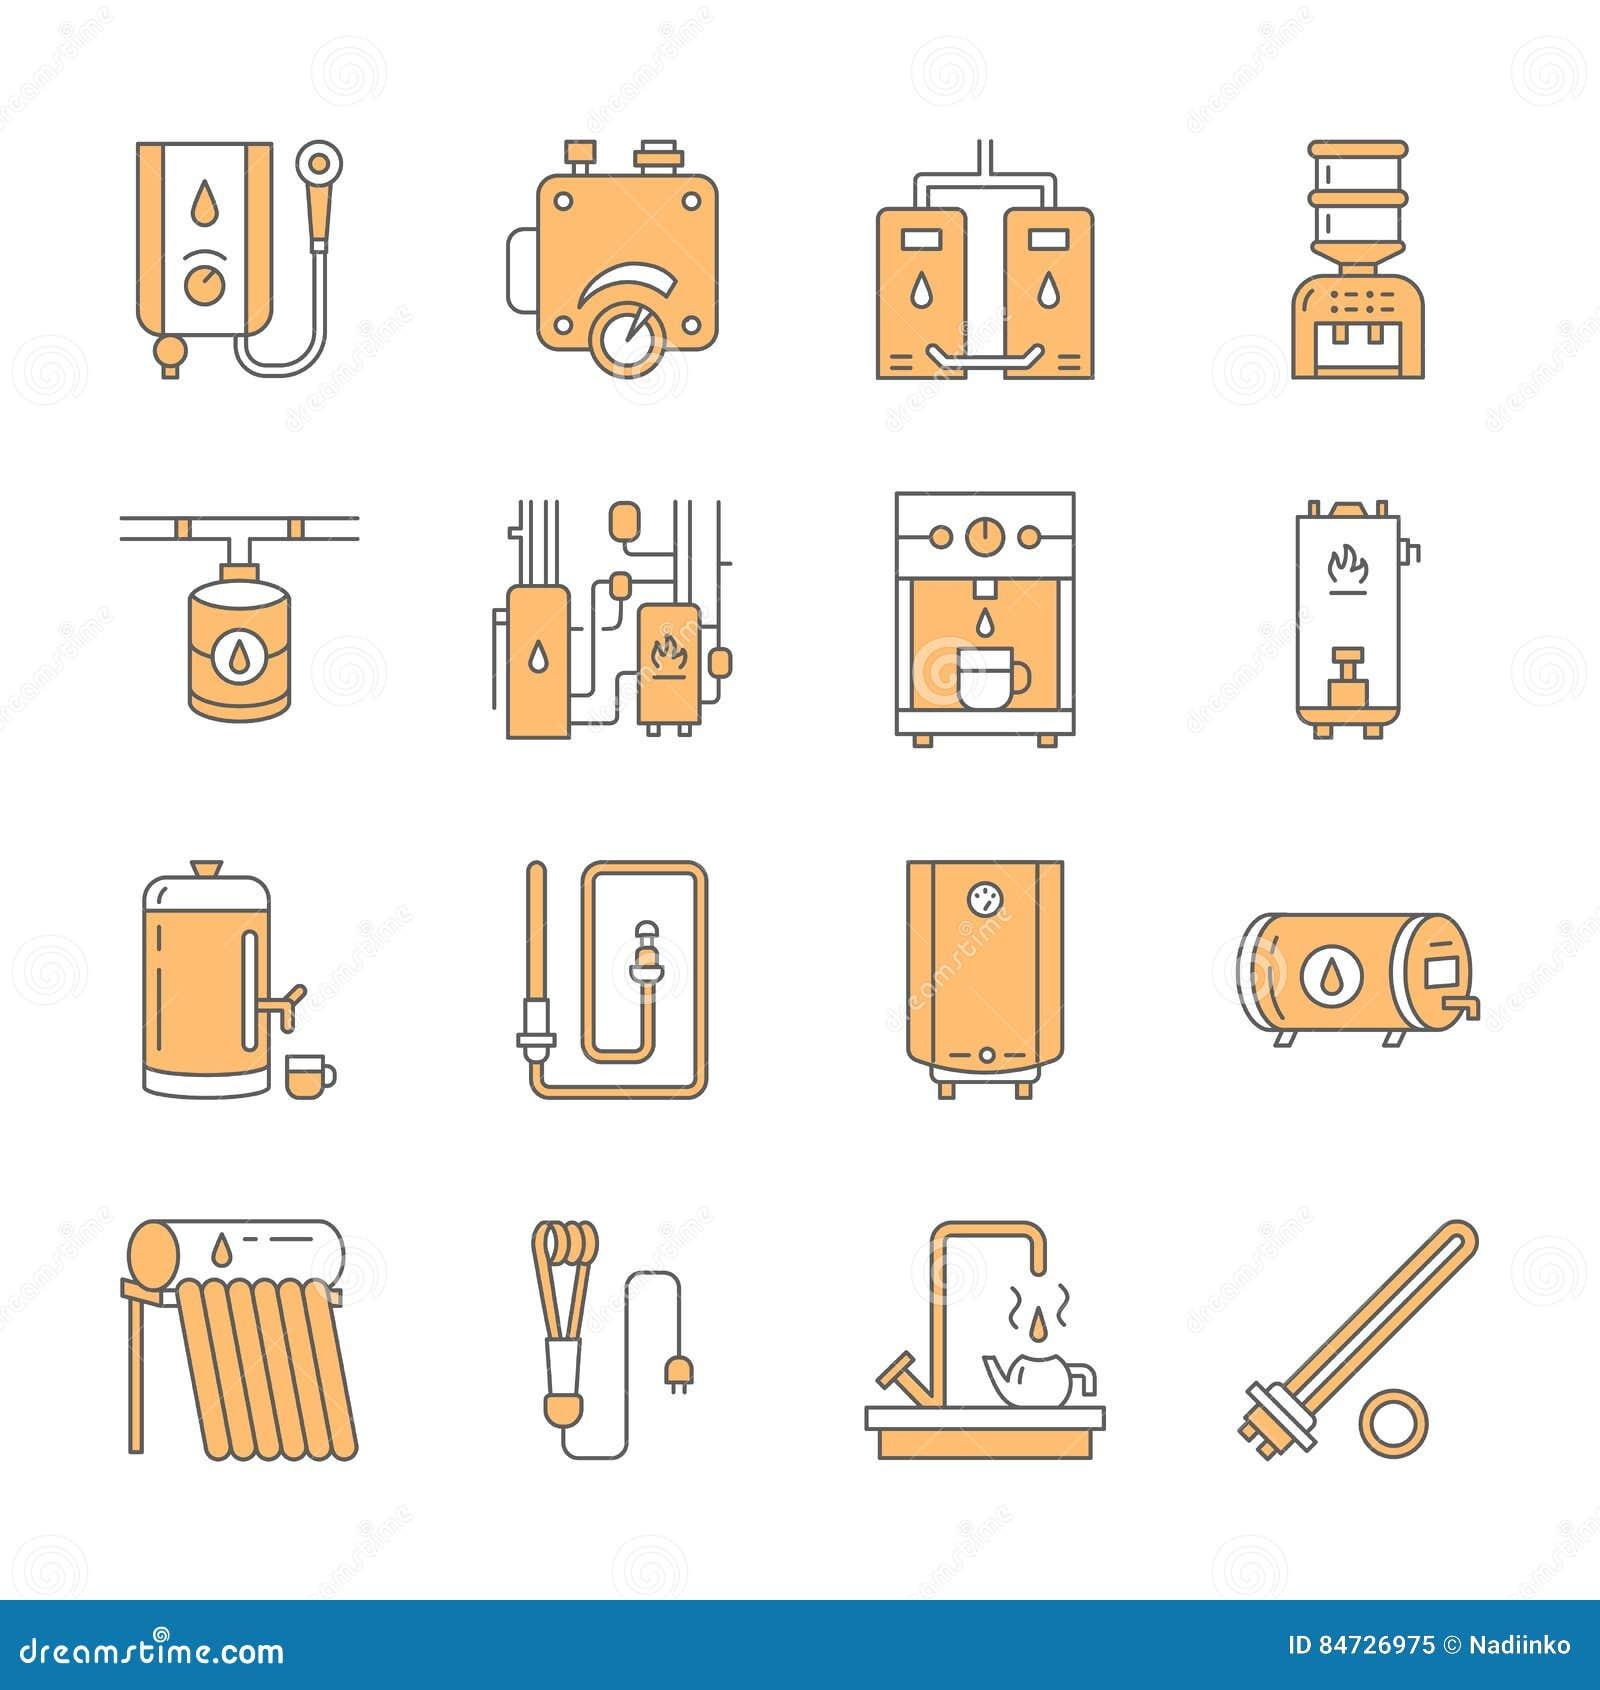 Calefaccion electrica o de gas free venta industrial - Calefaccion electrica o de gas ...